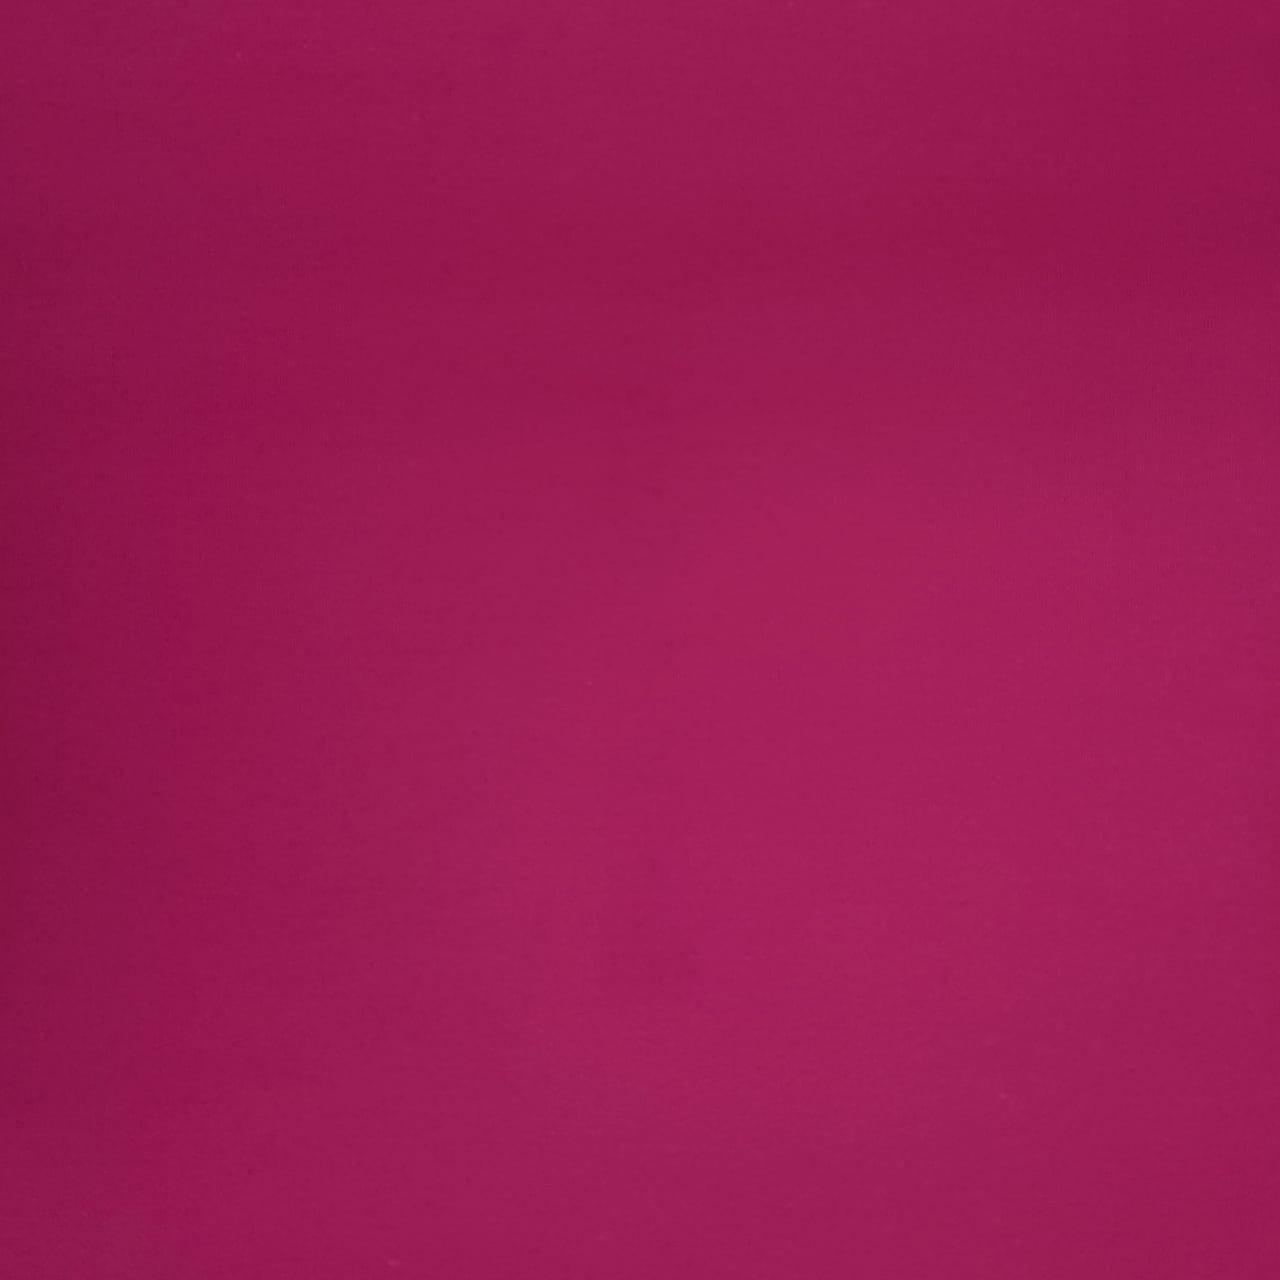 Rosa Pink - tricoline /100% algodão - 0,50cm x 1,50m